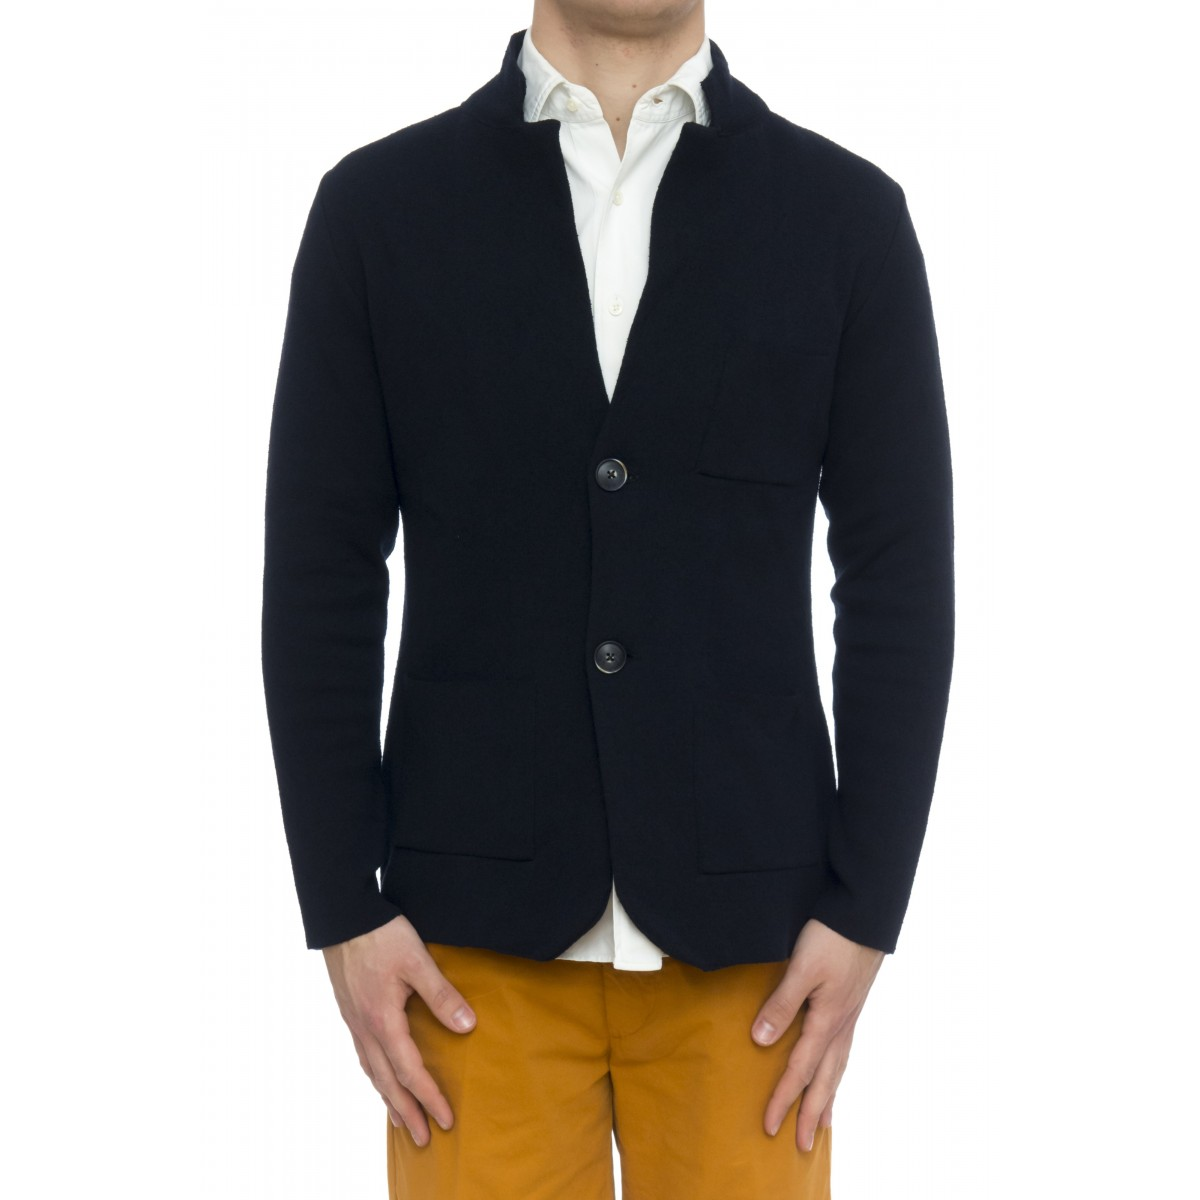 Giacca uomo - 926/e giacca spugna